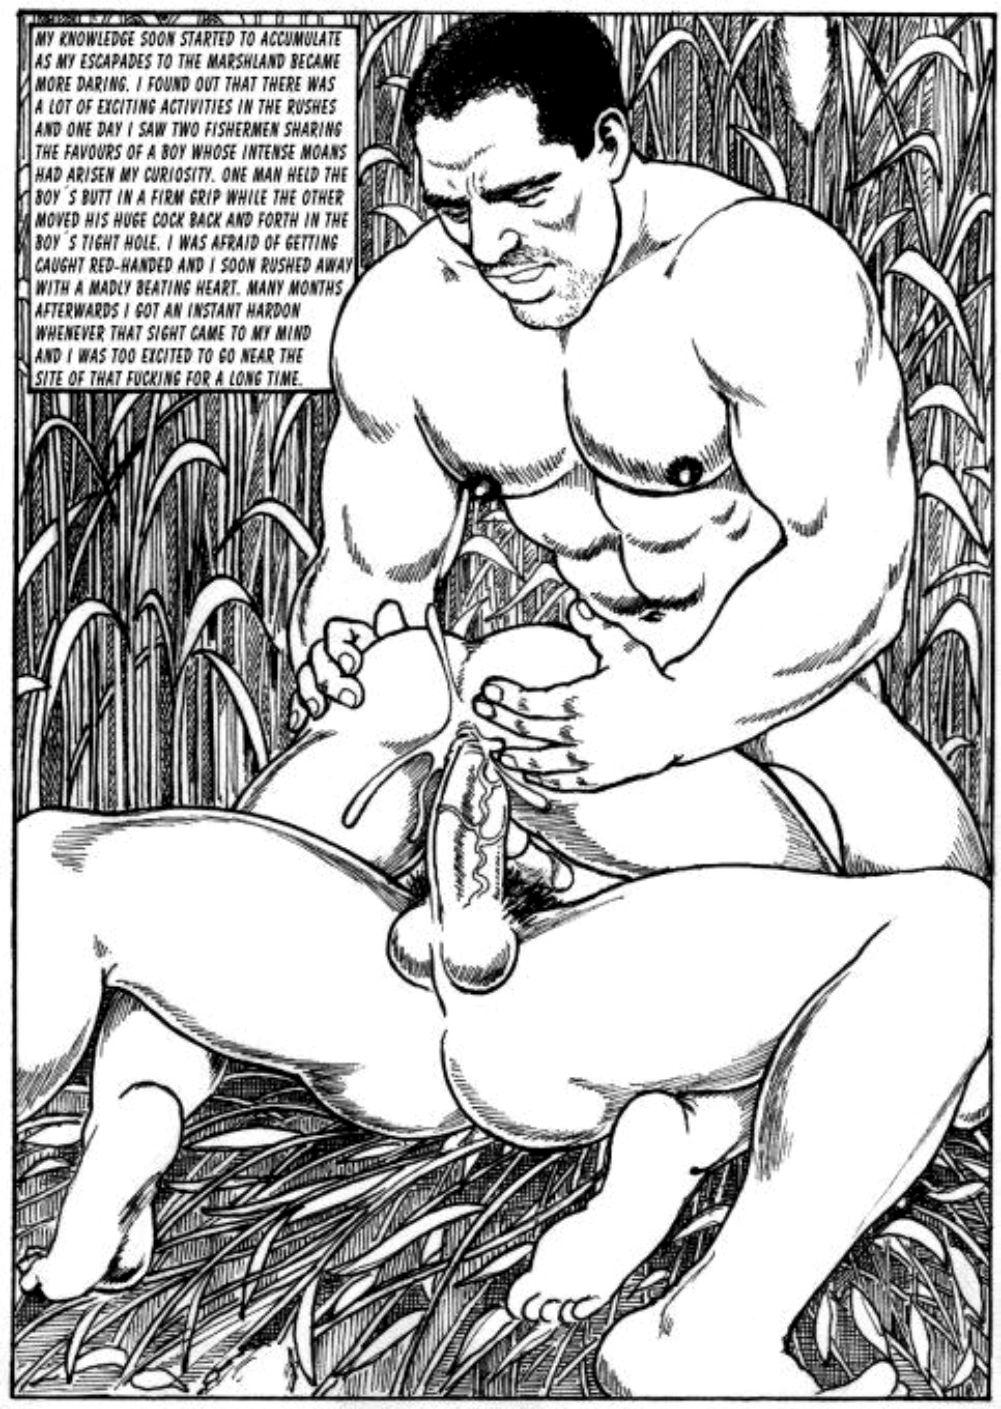 Яой и хентай комиксы 15 фотография